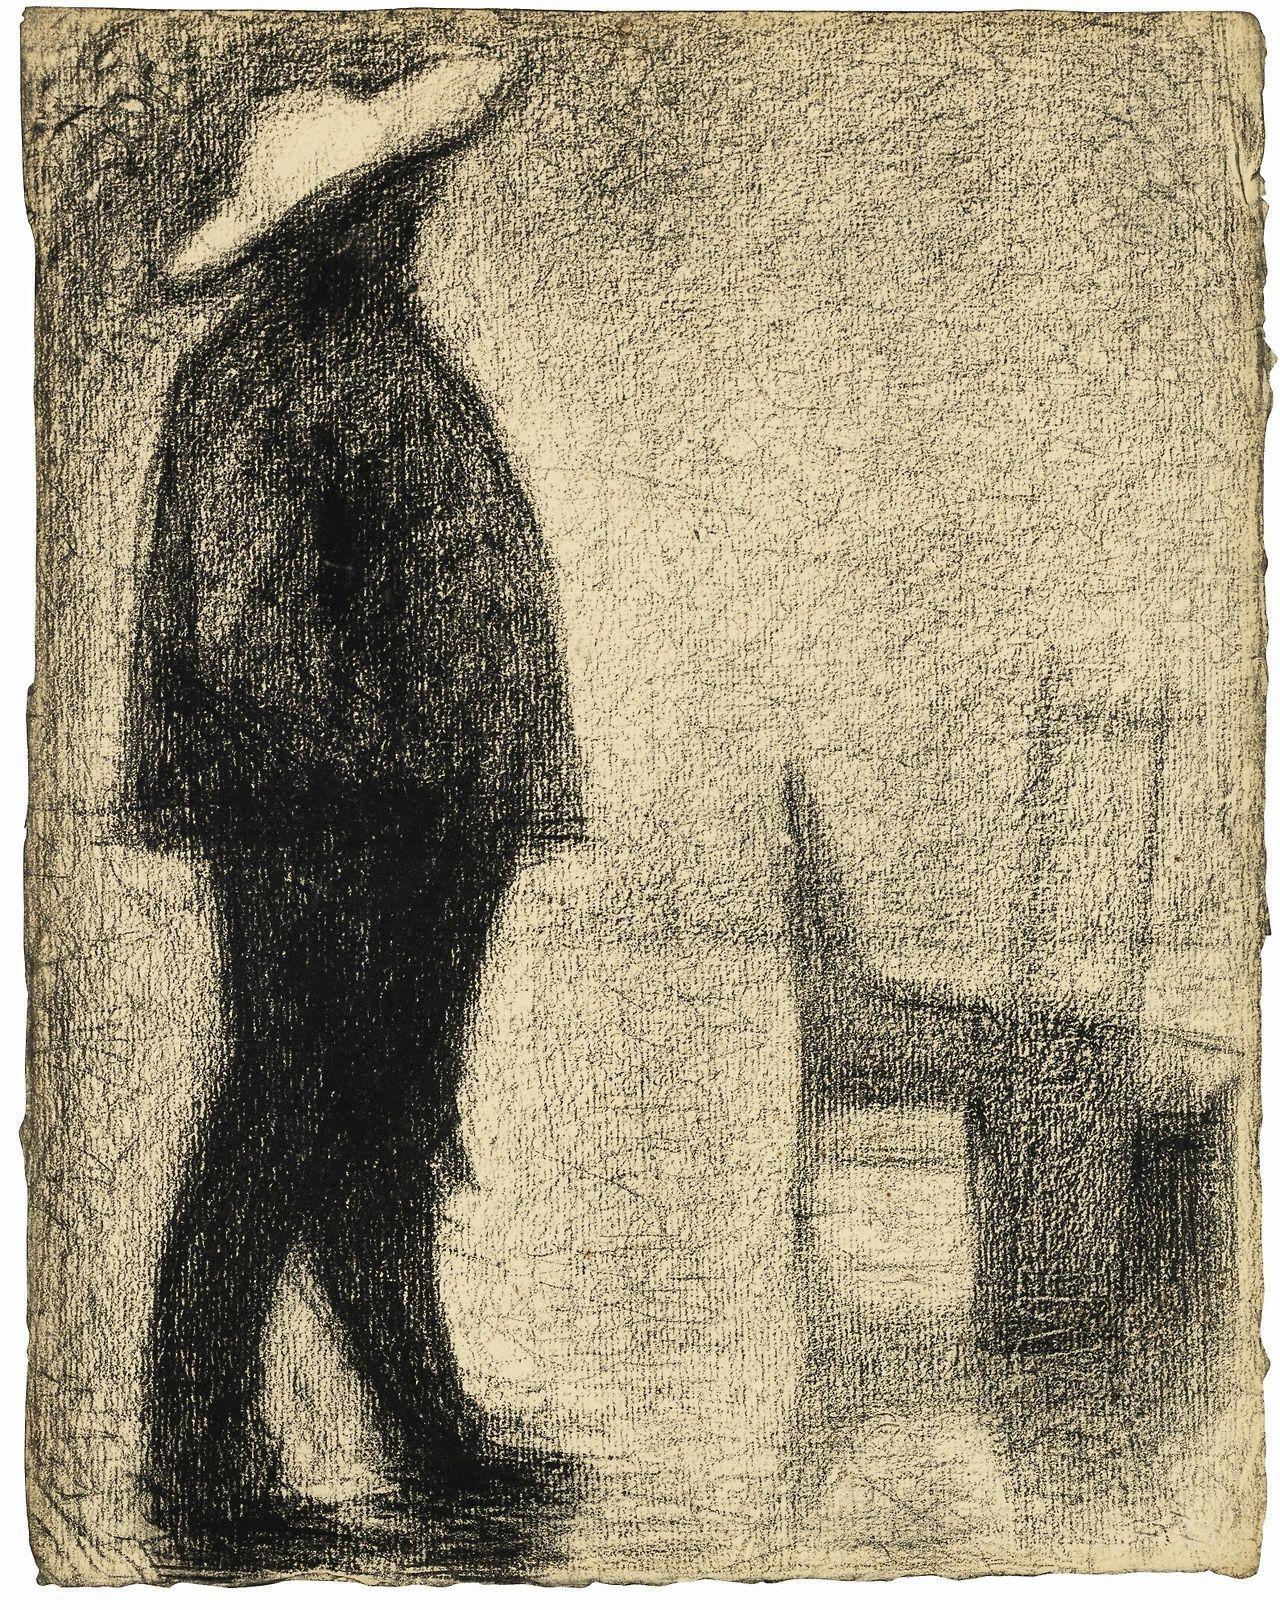 Georges Seurat (French, 1859-1891), Fort de la halle, c.1882. Conté crayon on laid paper, 32 x 25.5 cm.